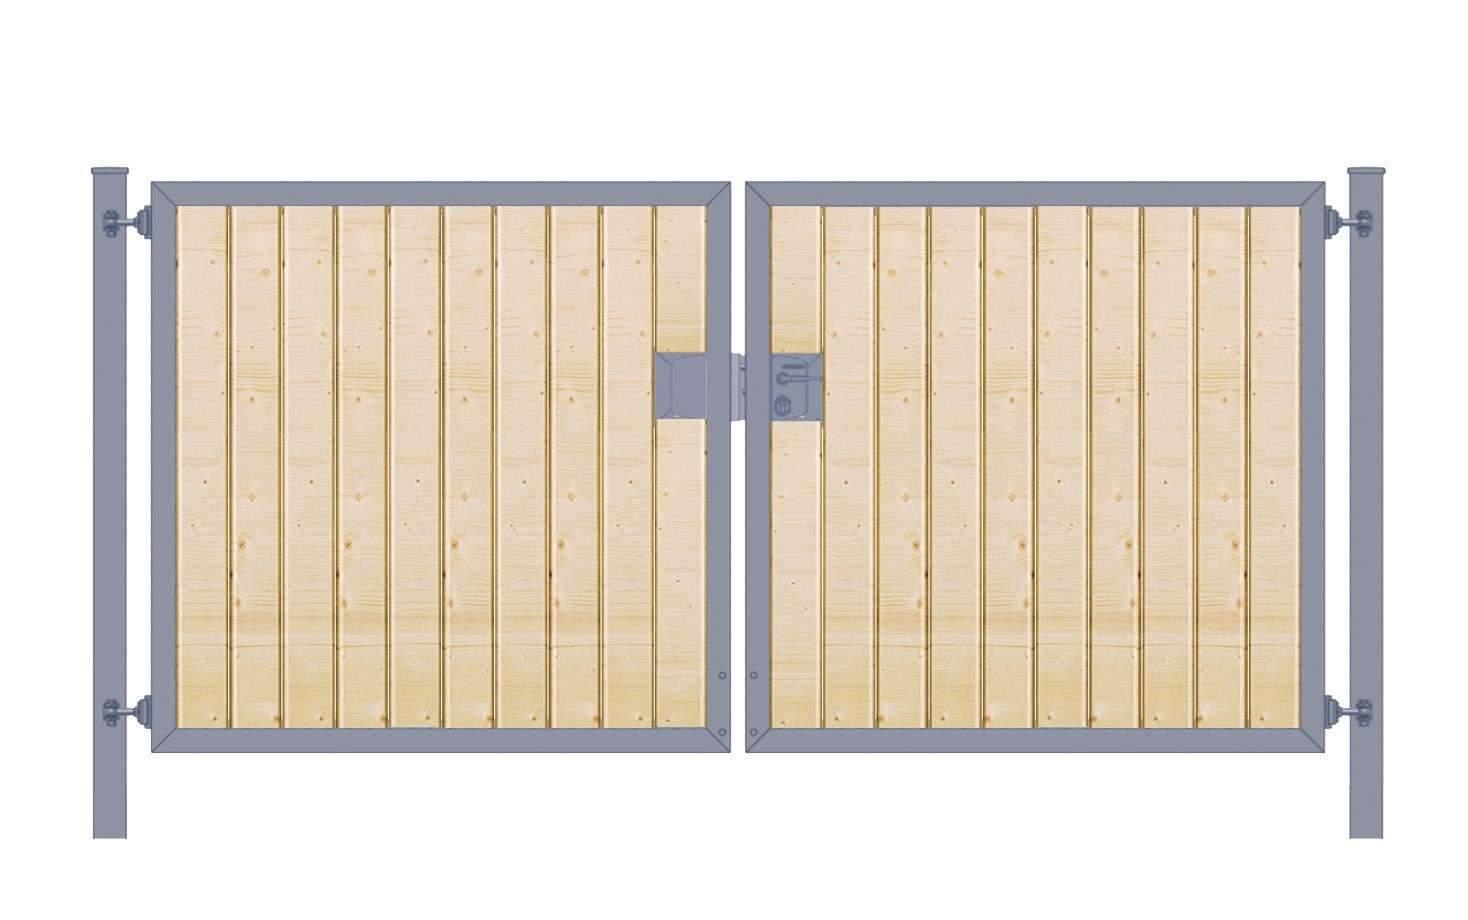 Einfahrtstor Holzfuellung senkrecht Premium zweifluegelig symmetrisch anthrazit5cab fcee 1280x1280 2x